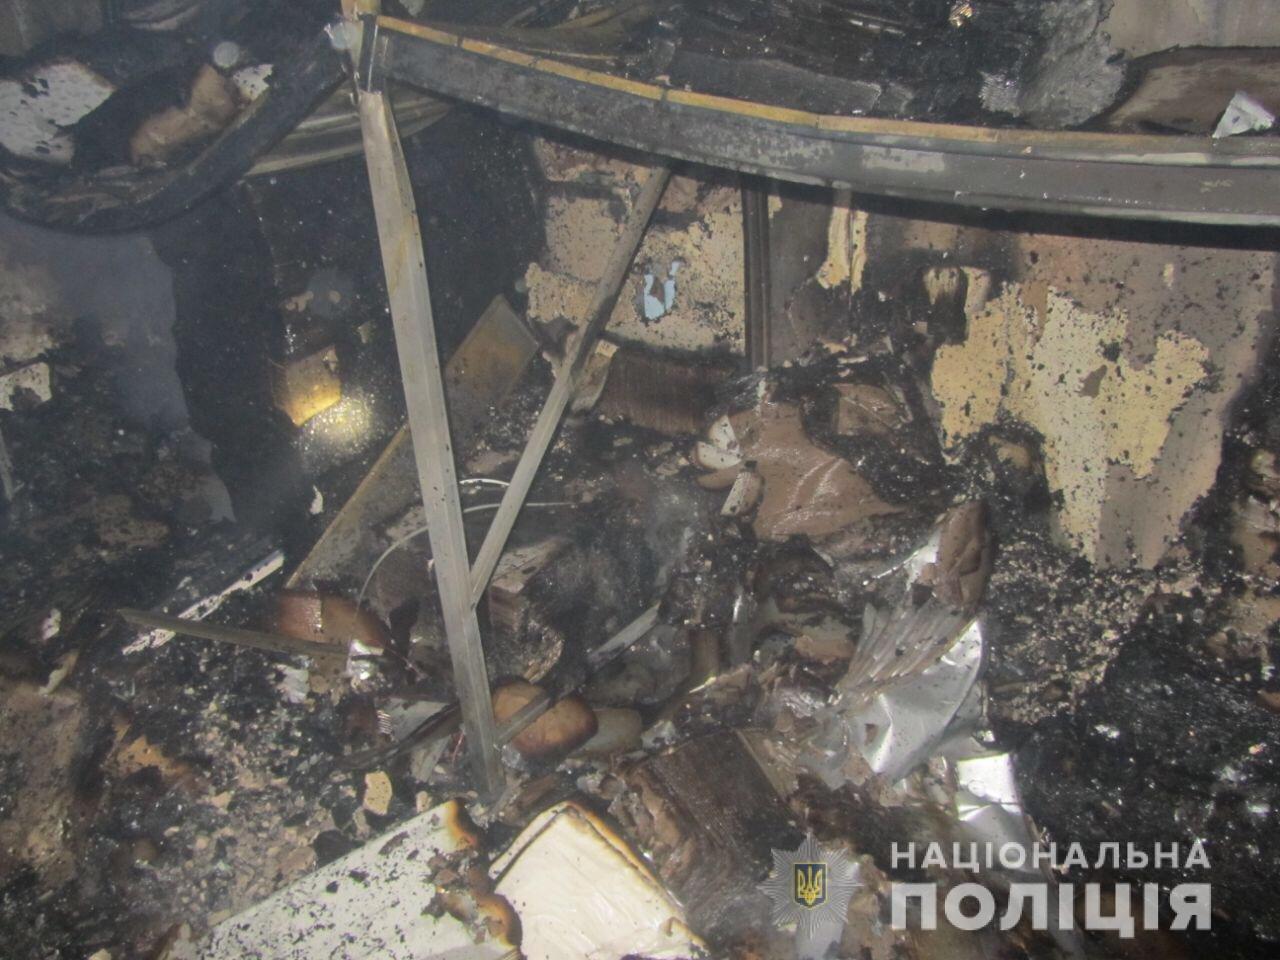 Пожар на швейных складах в Харькове. Неизвестные подожгли два помещения, - ФОТО, фото-6